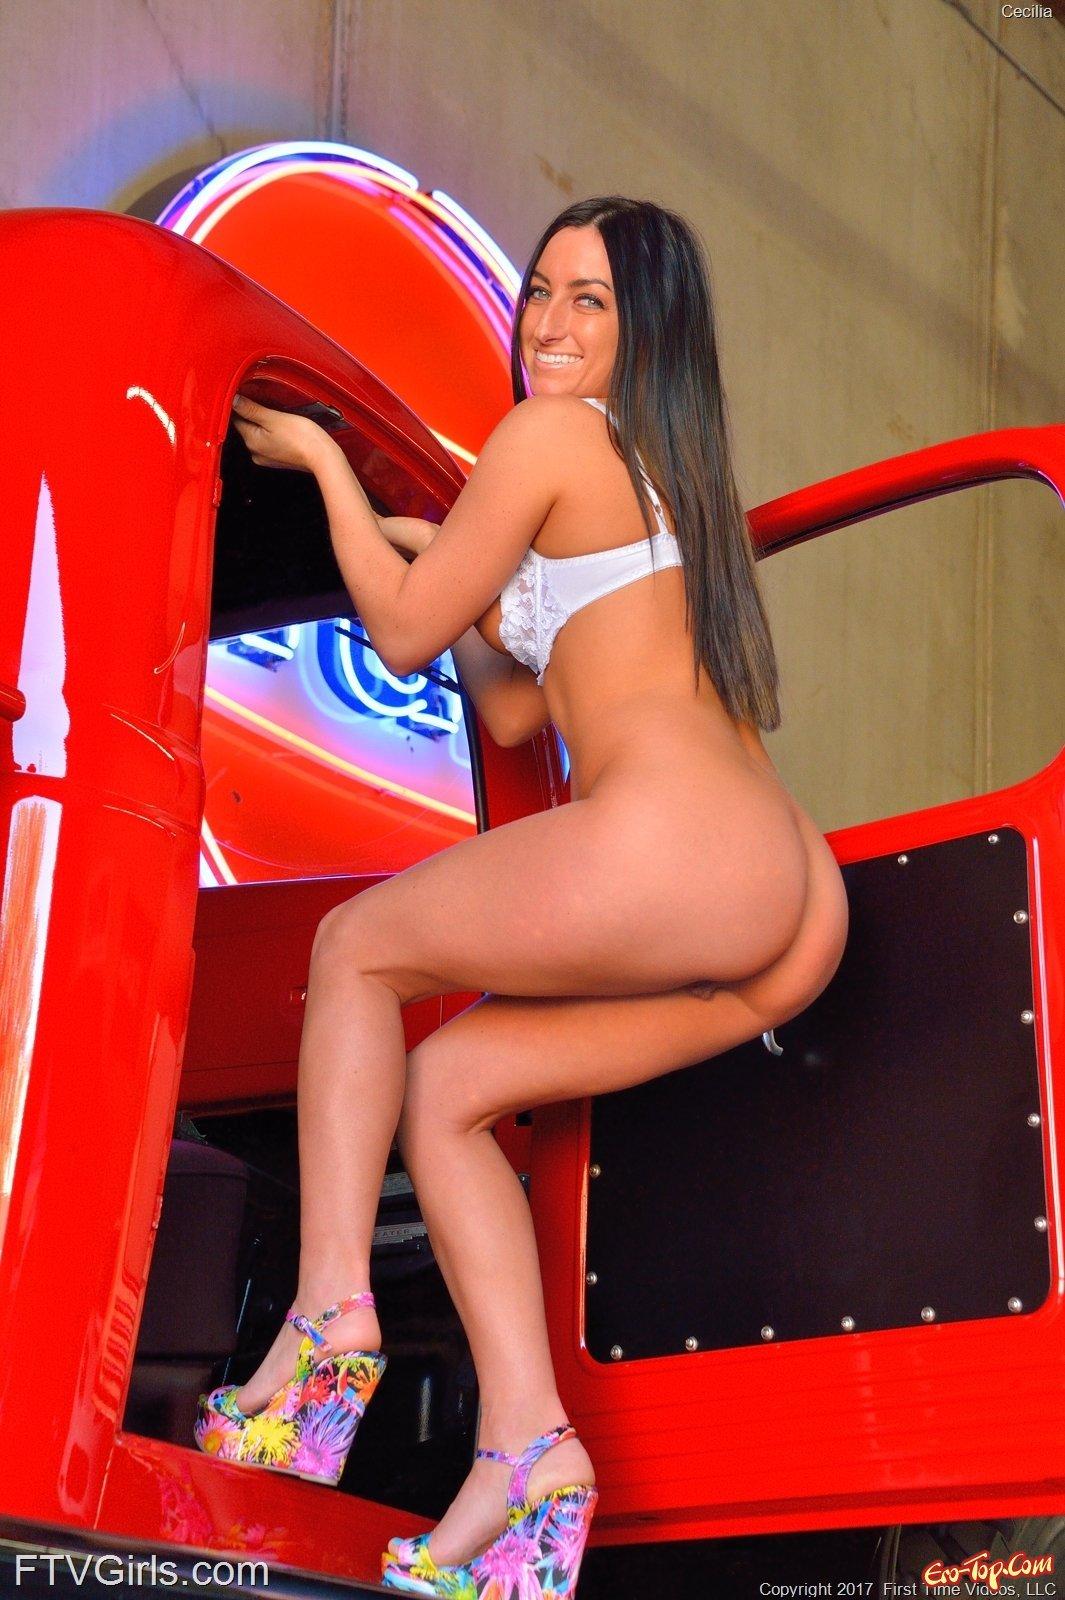 Девка снимает лифчик показывая красивую попку и грудь секс фото